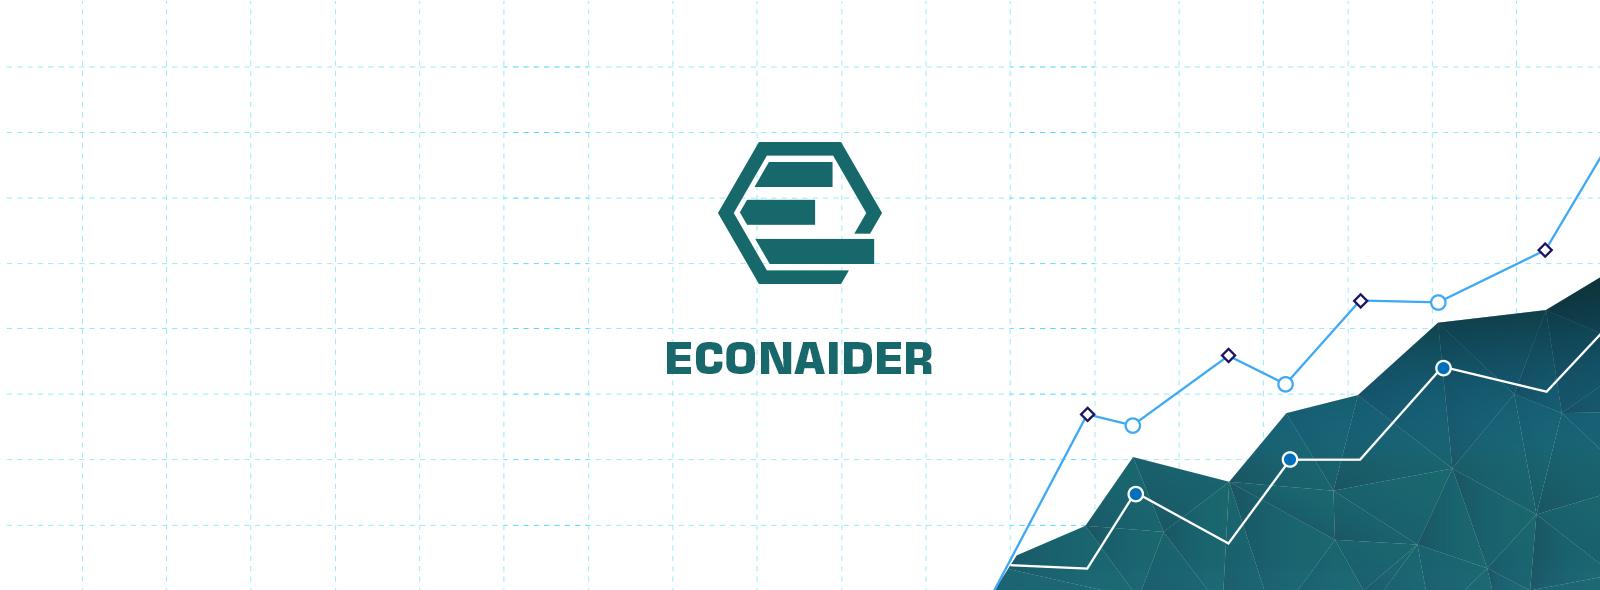 """Bazar araşdırması üçün yaradılan yerli portal """"Econaider.com""""–ın layihəsindən ilkin görüntülər."""